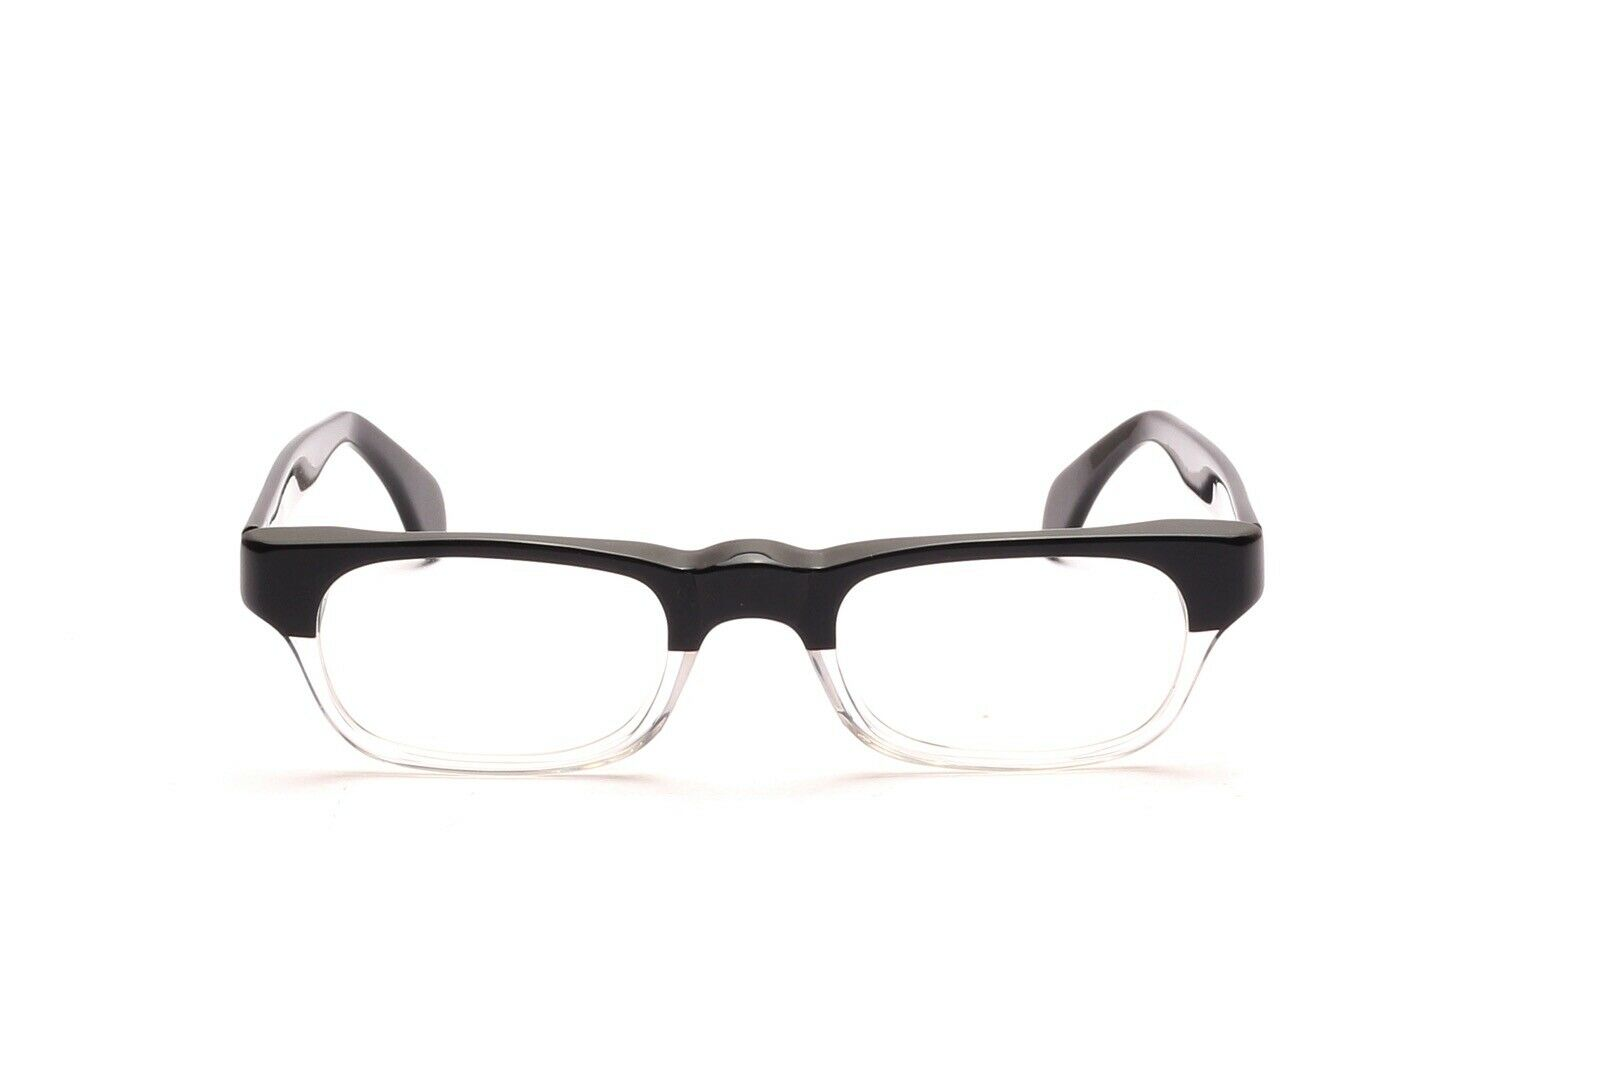 Retro Brille 60er Jahre Fassung Acetat Schwarz Kristall, Italy 48 - 21 mm EG2